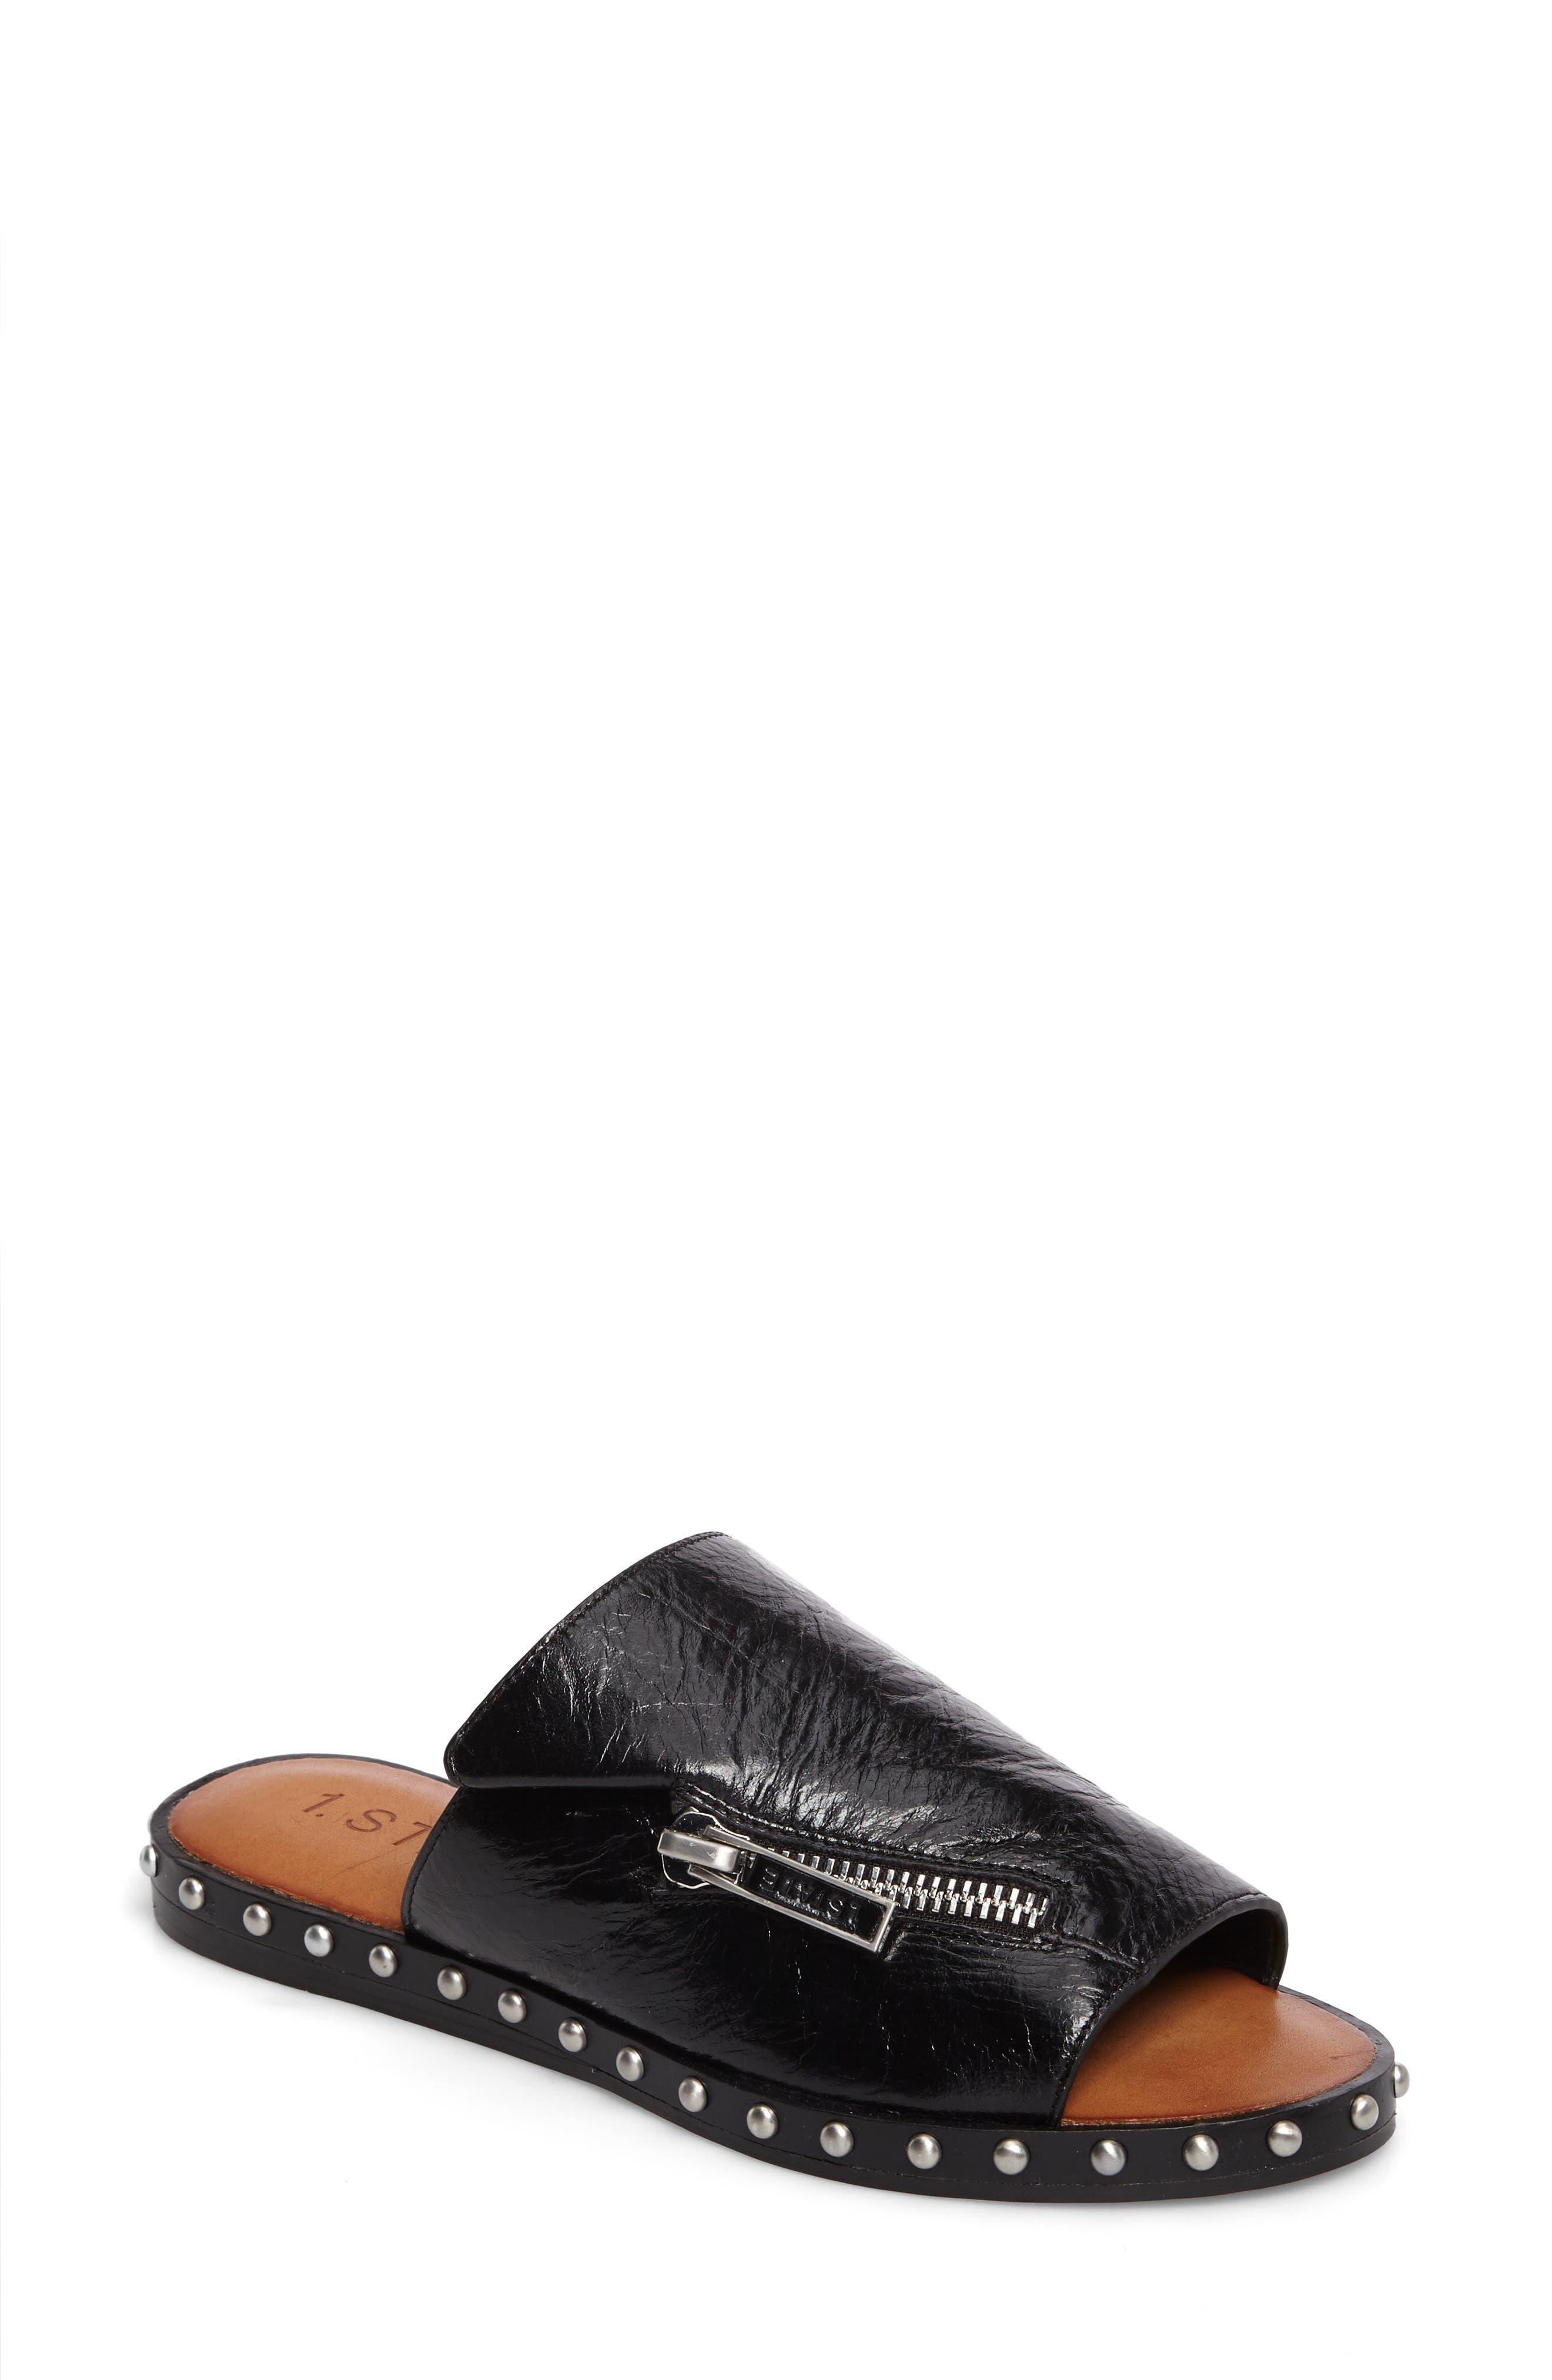 Cadwyn Slide Sandal,                         Main,                         color, Black Leather